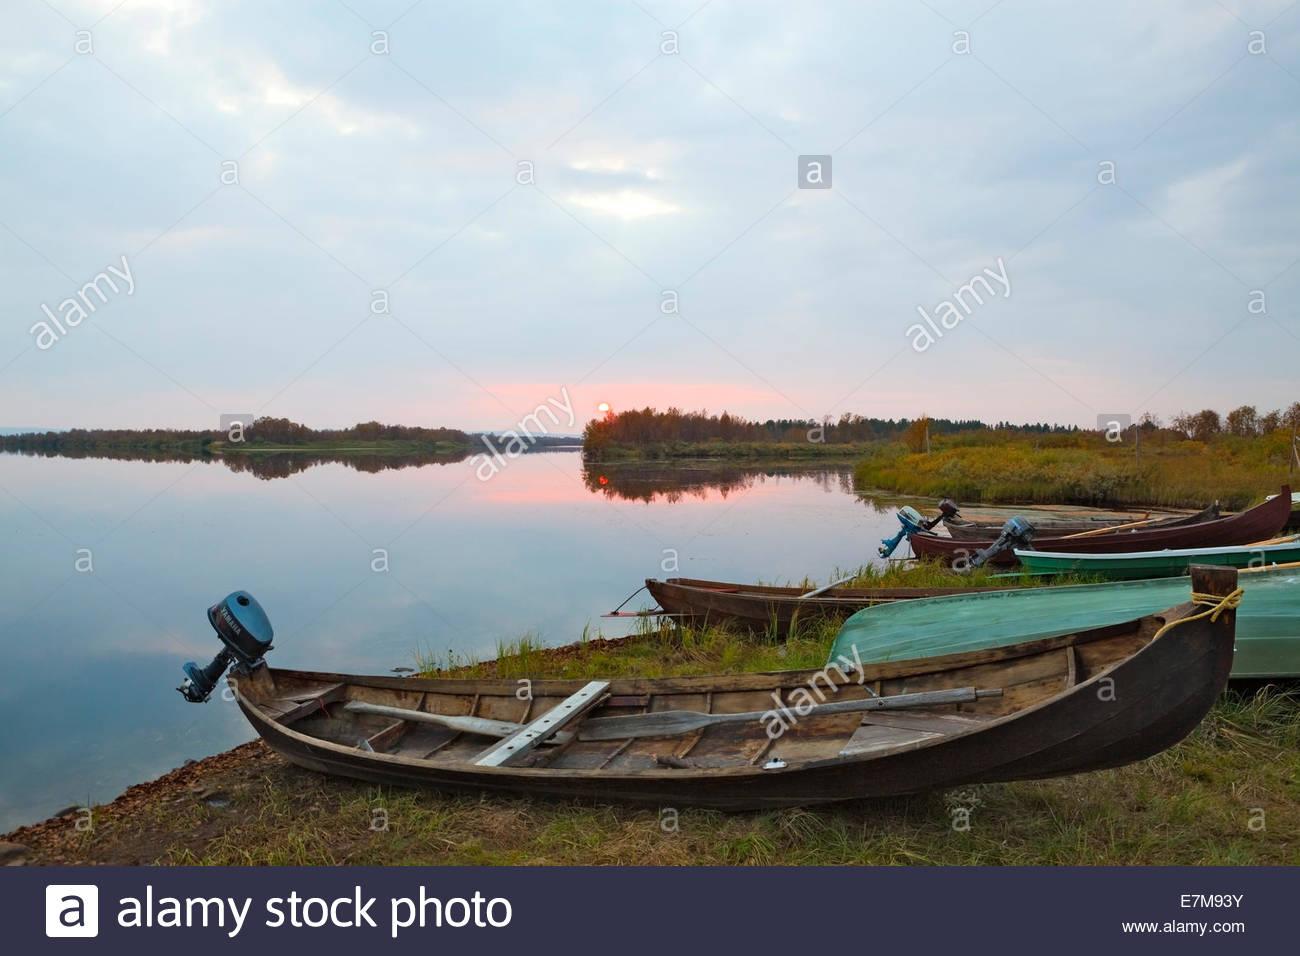 Boats on shore of Muonio River - Stock Image